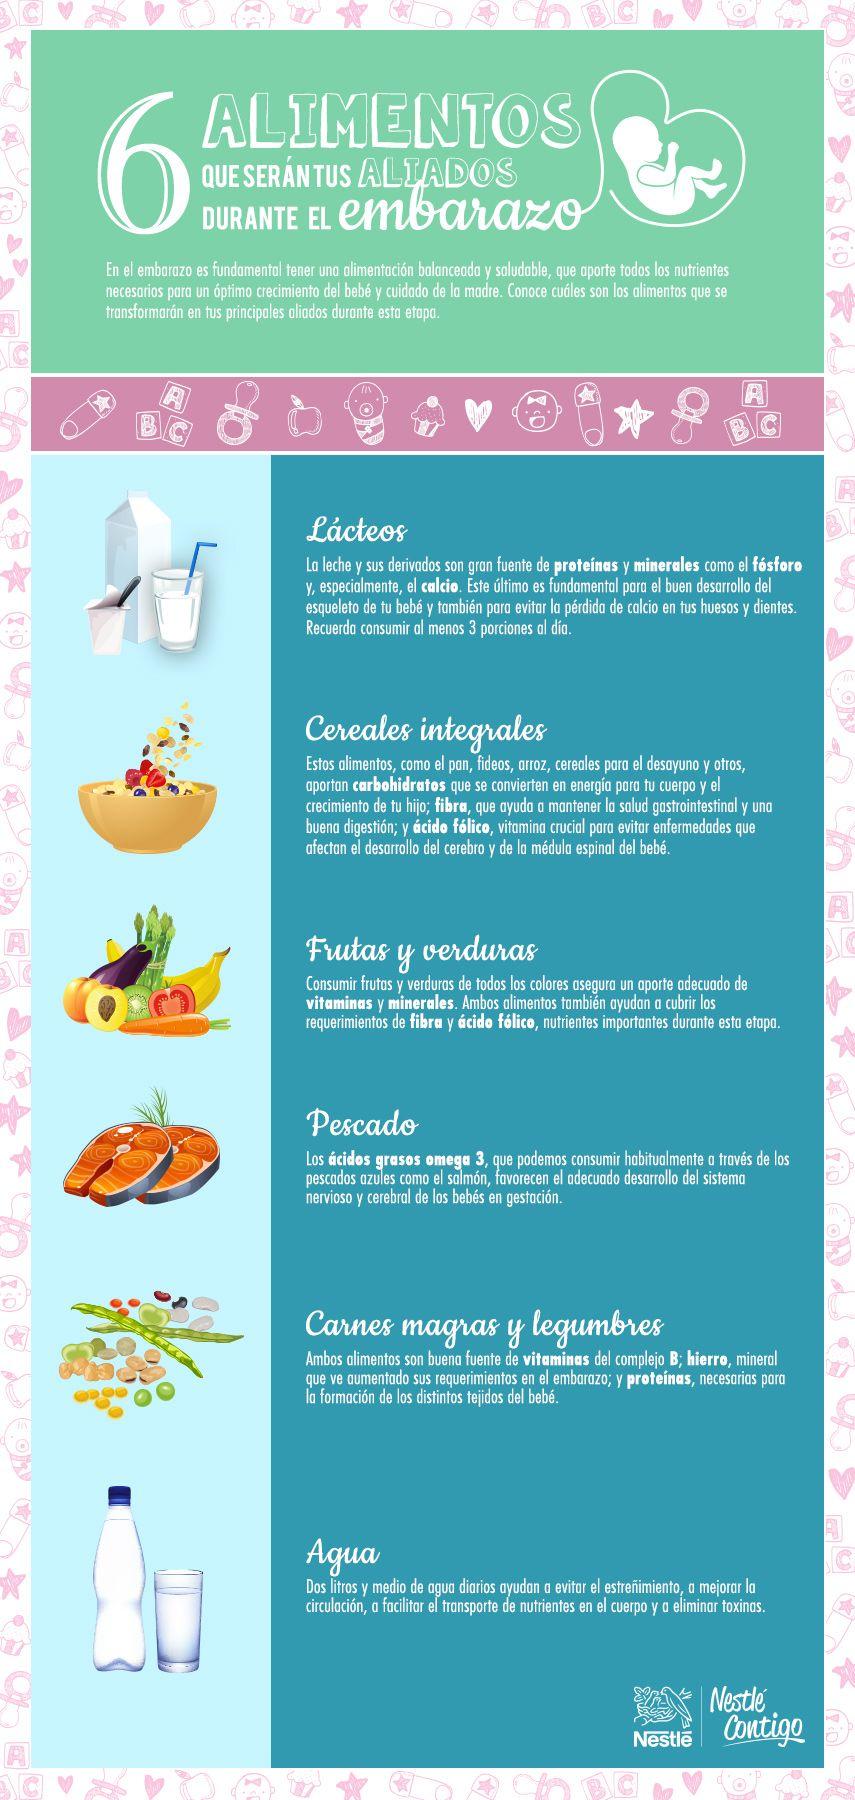 ¿Cuáles son mis requerimientos nutricionales diarios?